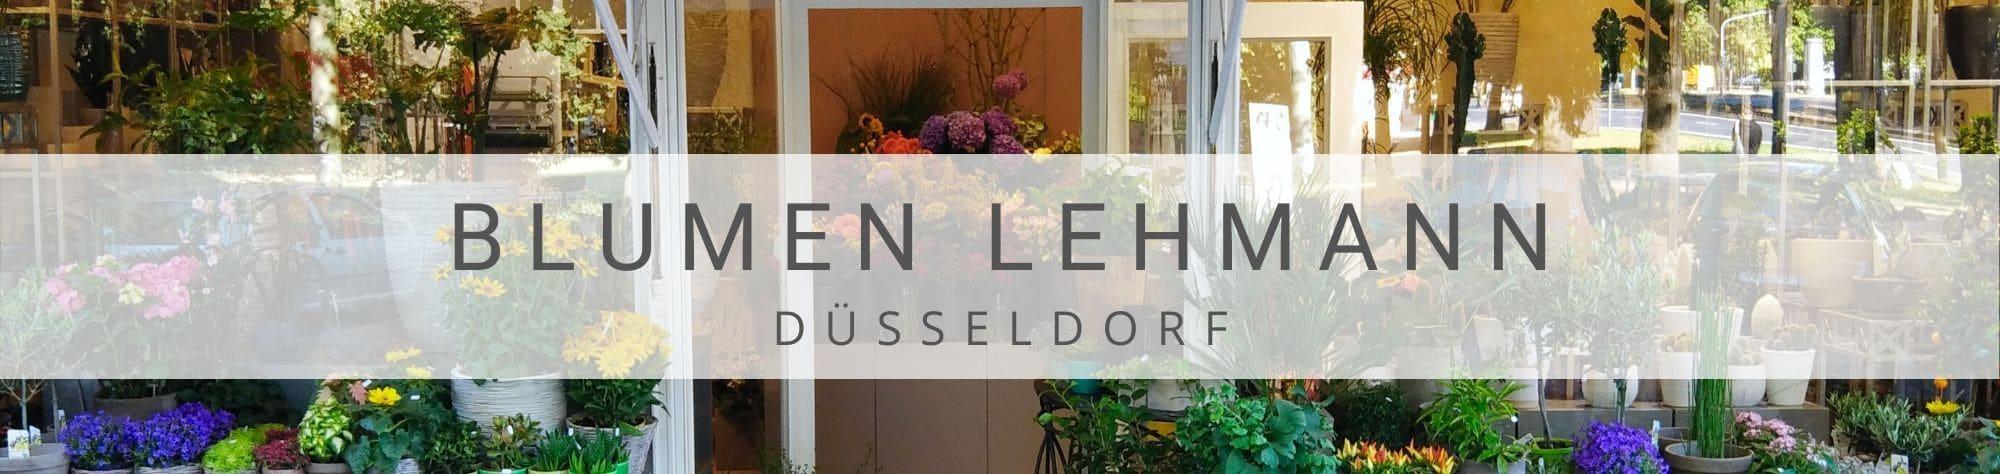 Blumenladen Düsseldorf - Blumen